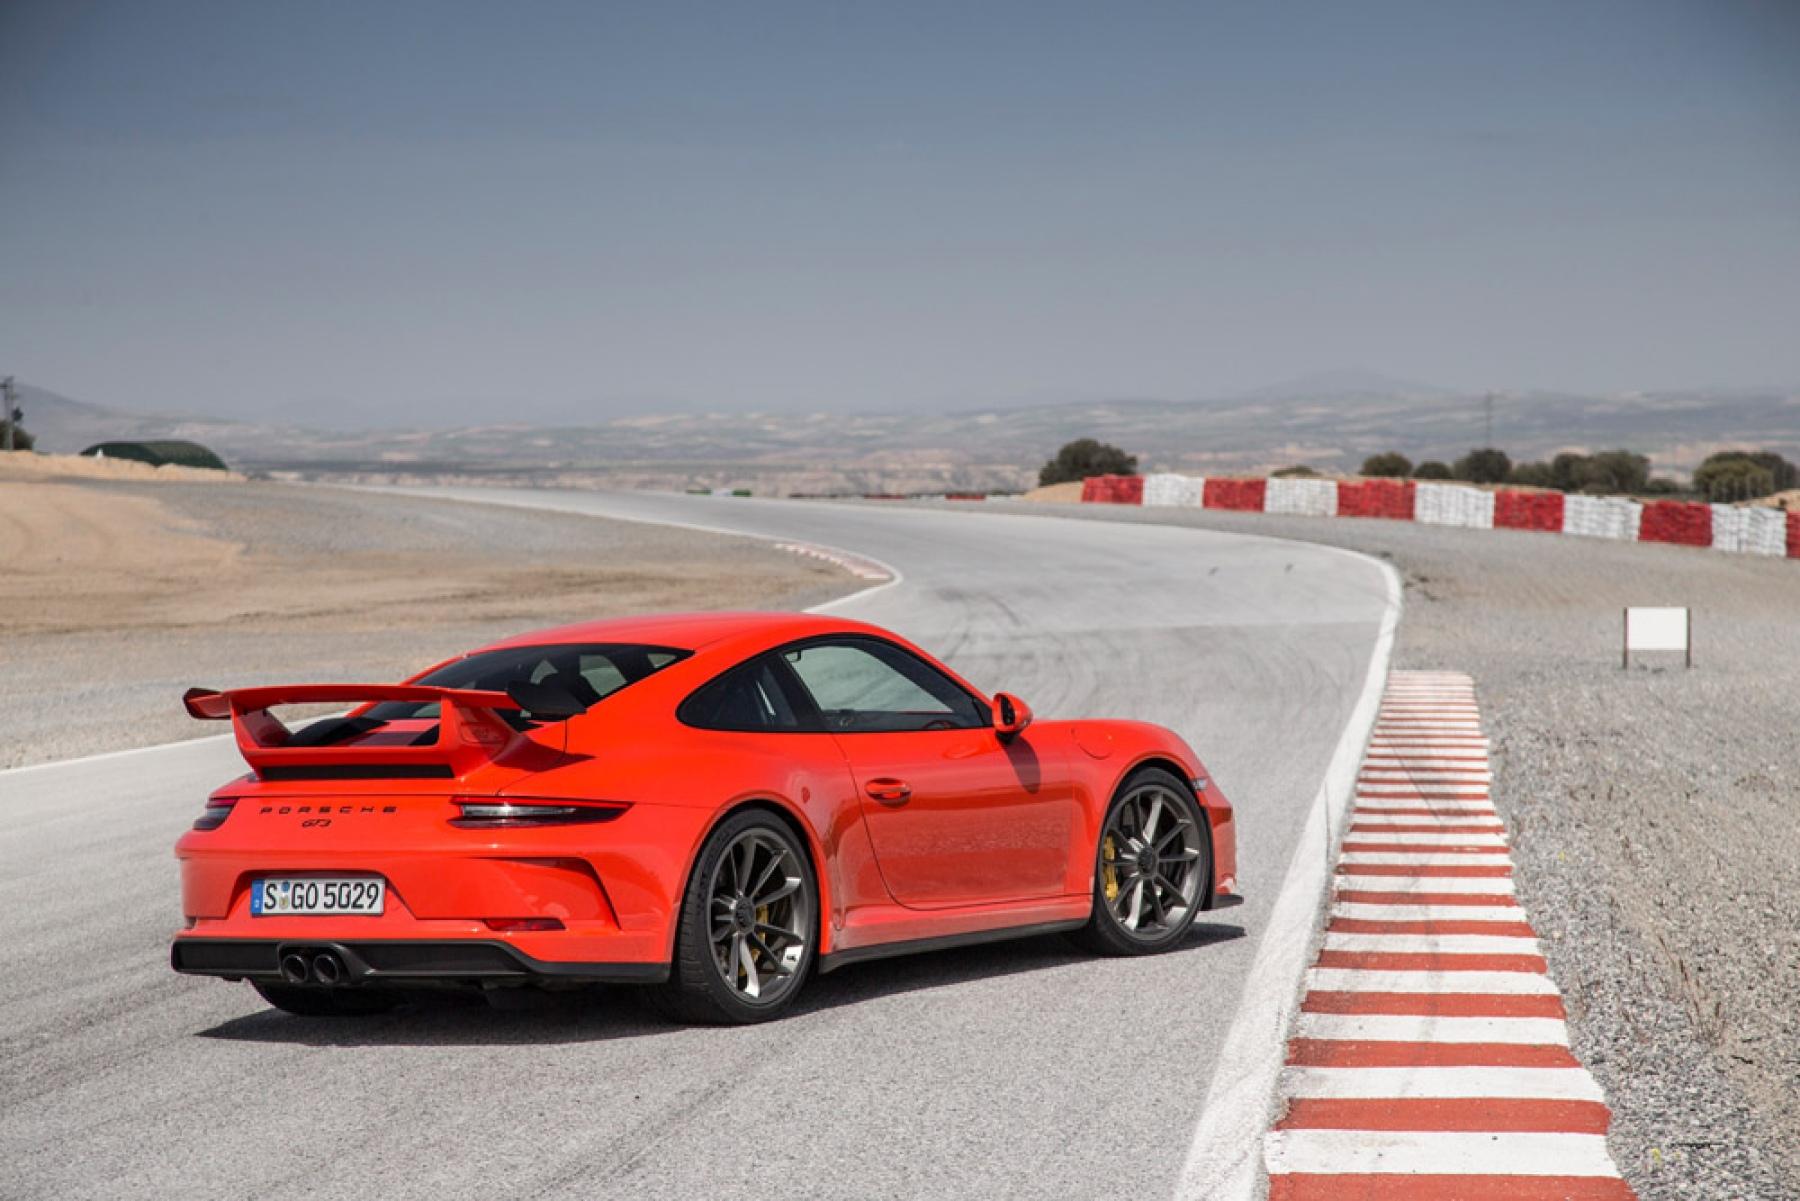 Porsche 911 GT3 Lava Orange , The new Porsche 911 GT3